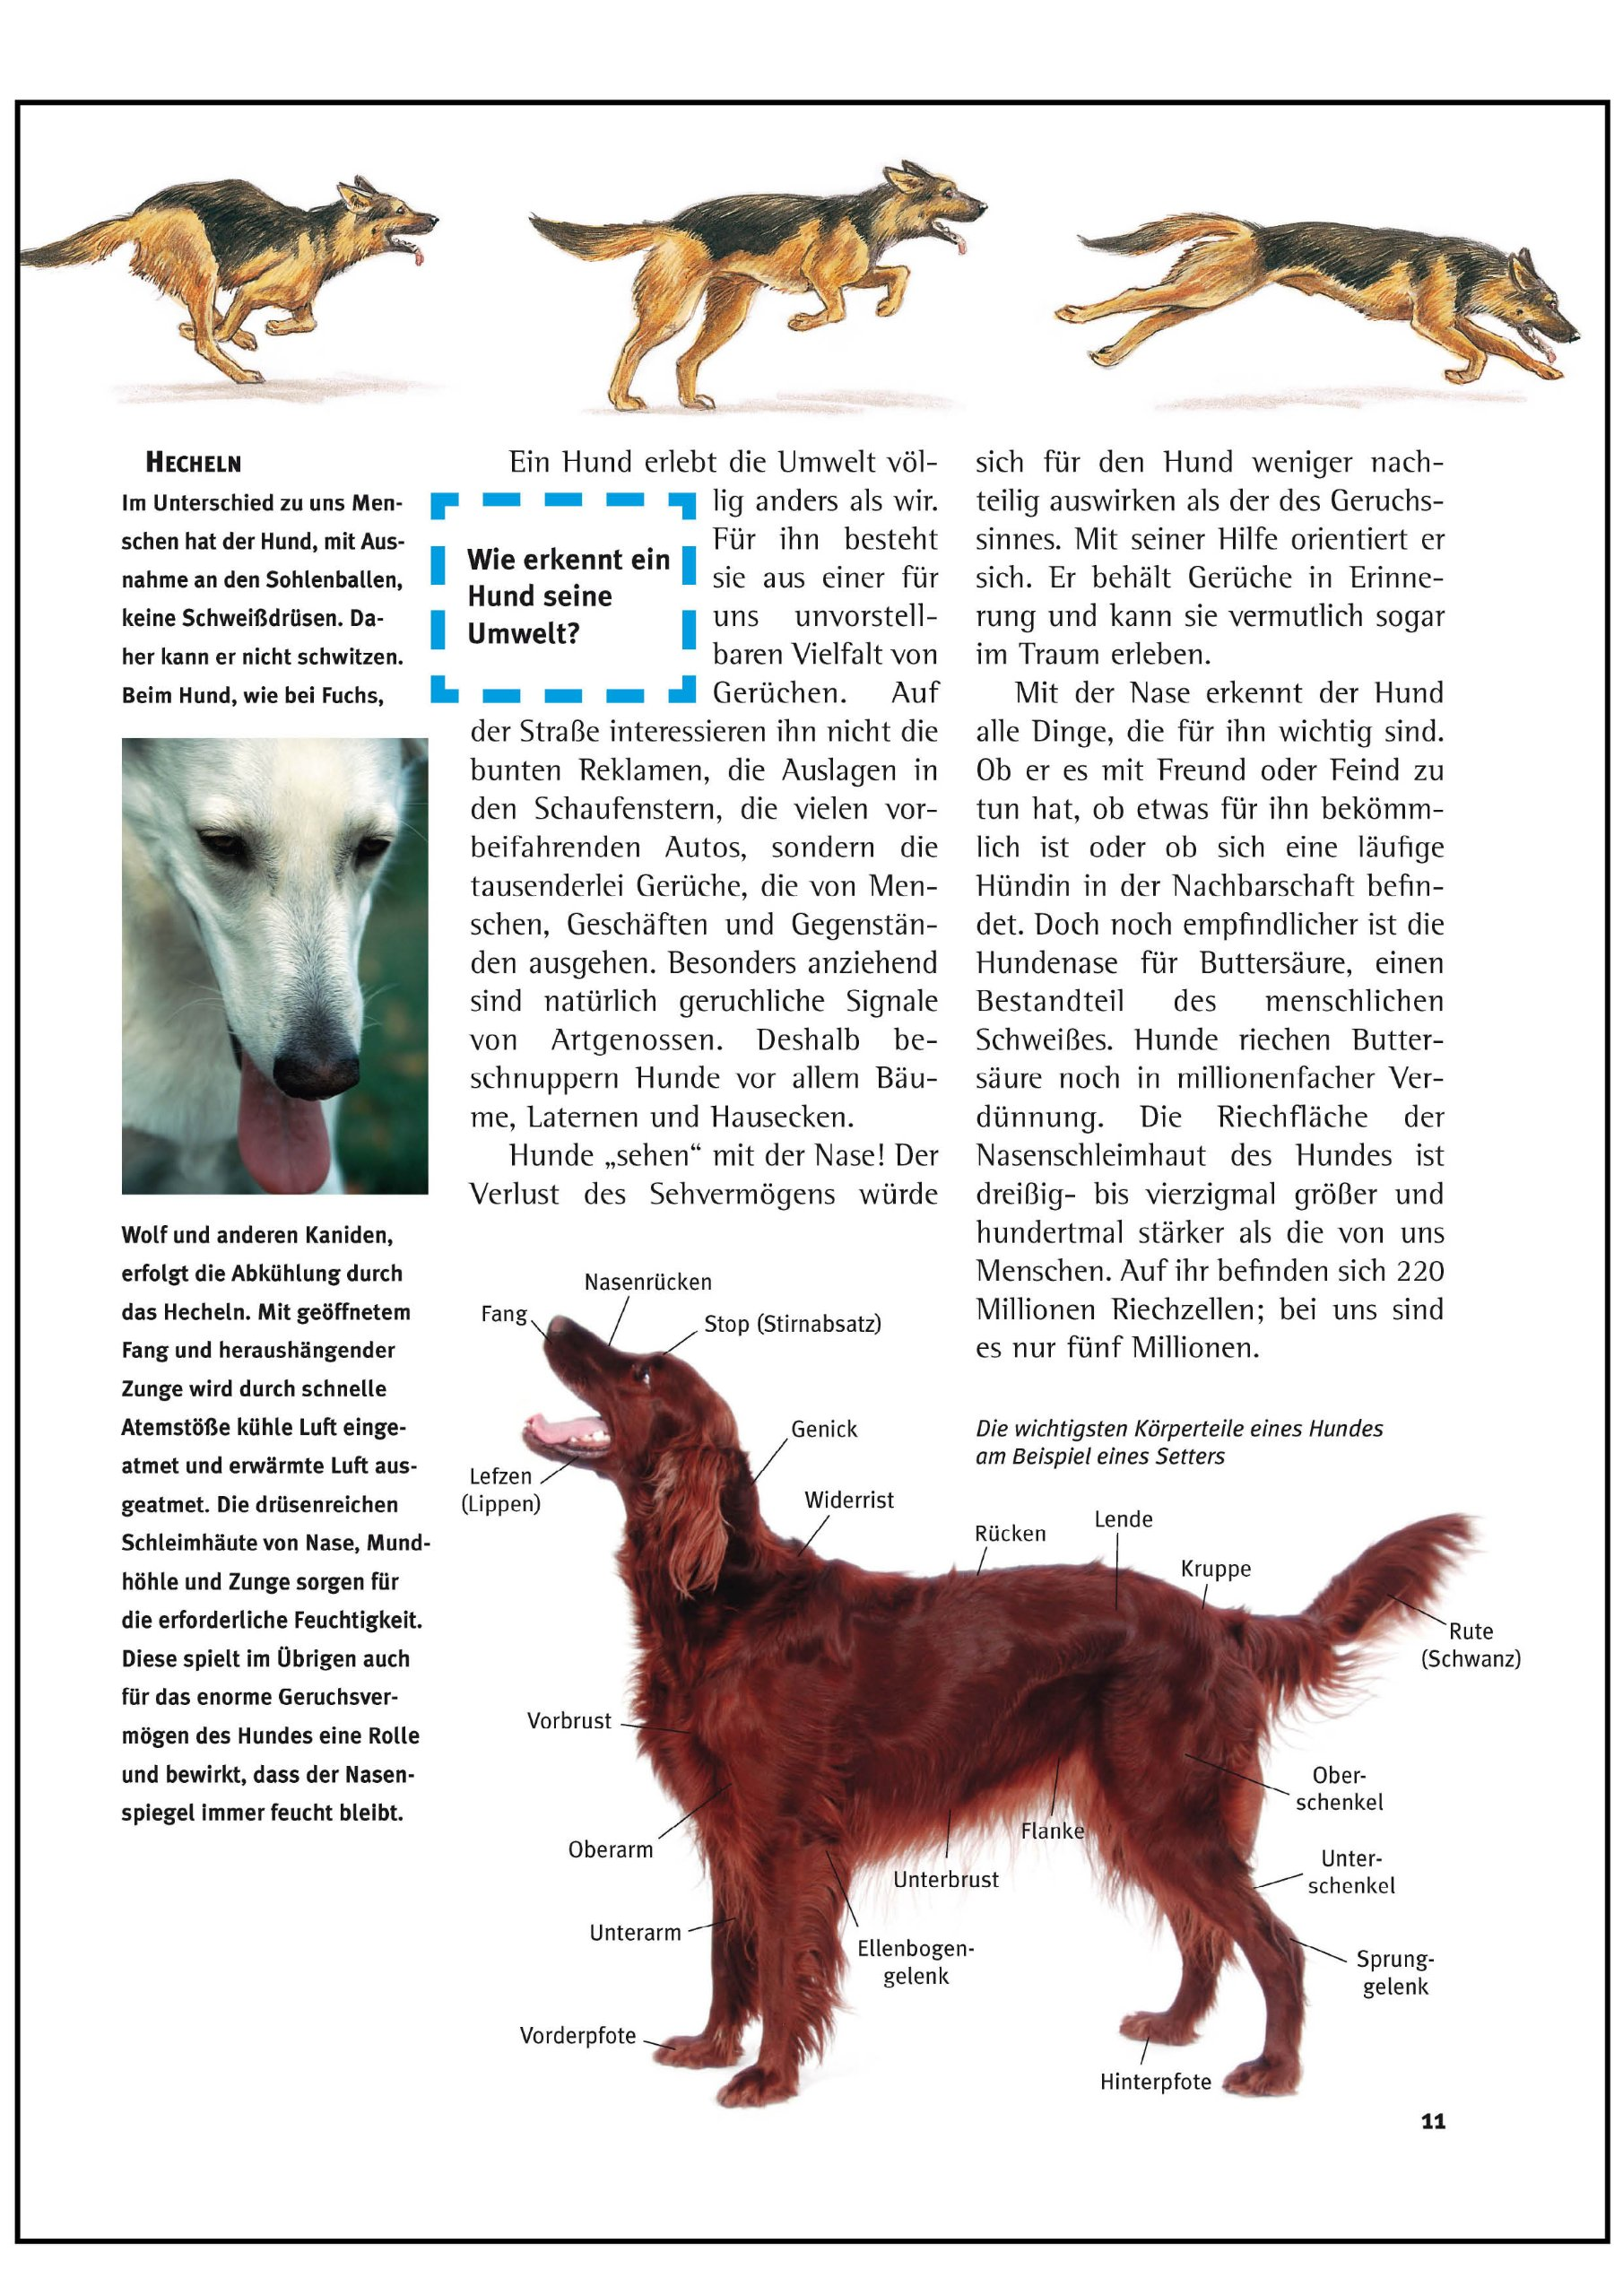 Ausgezeichnet Hund Körperteile Anatomie Fotos - Menschliche Anatomie ...